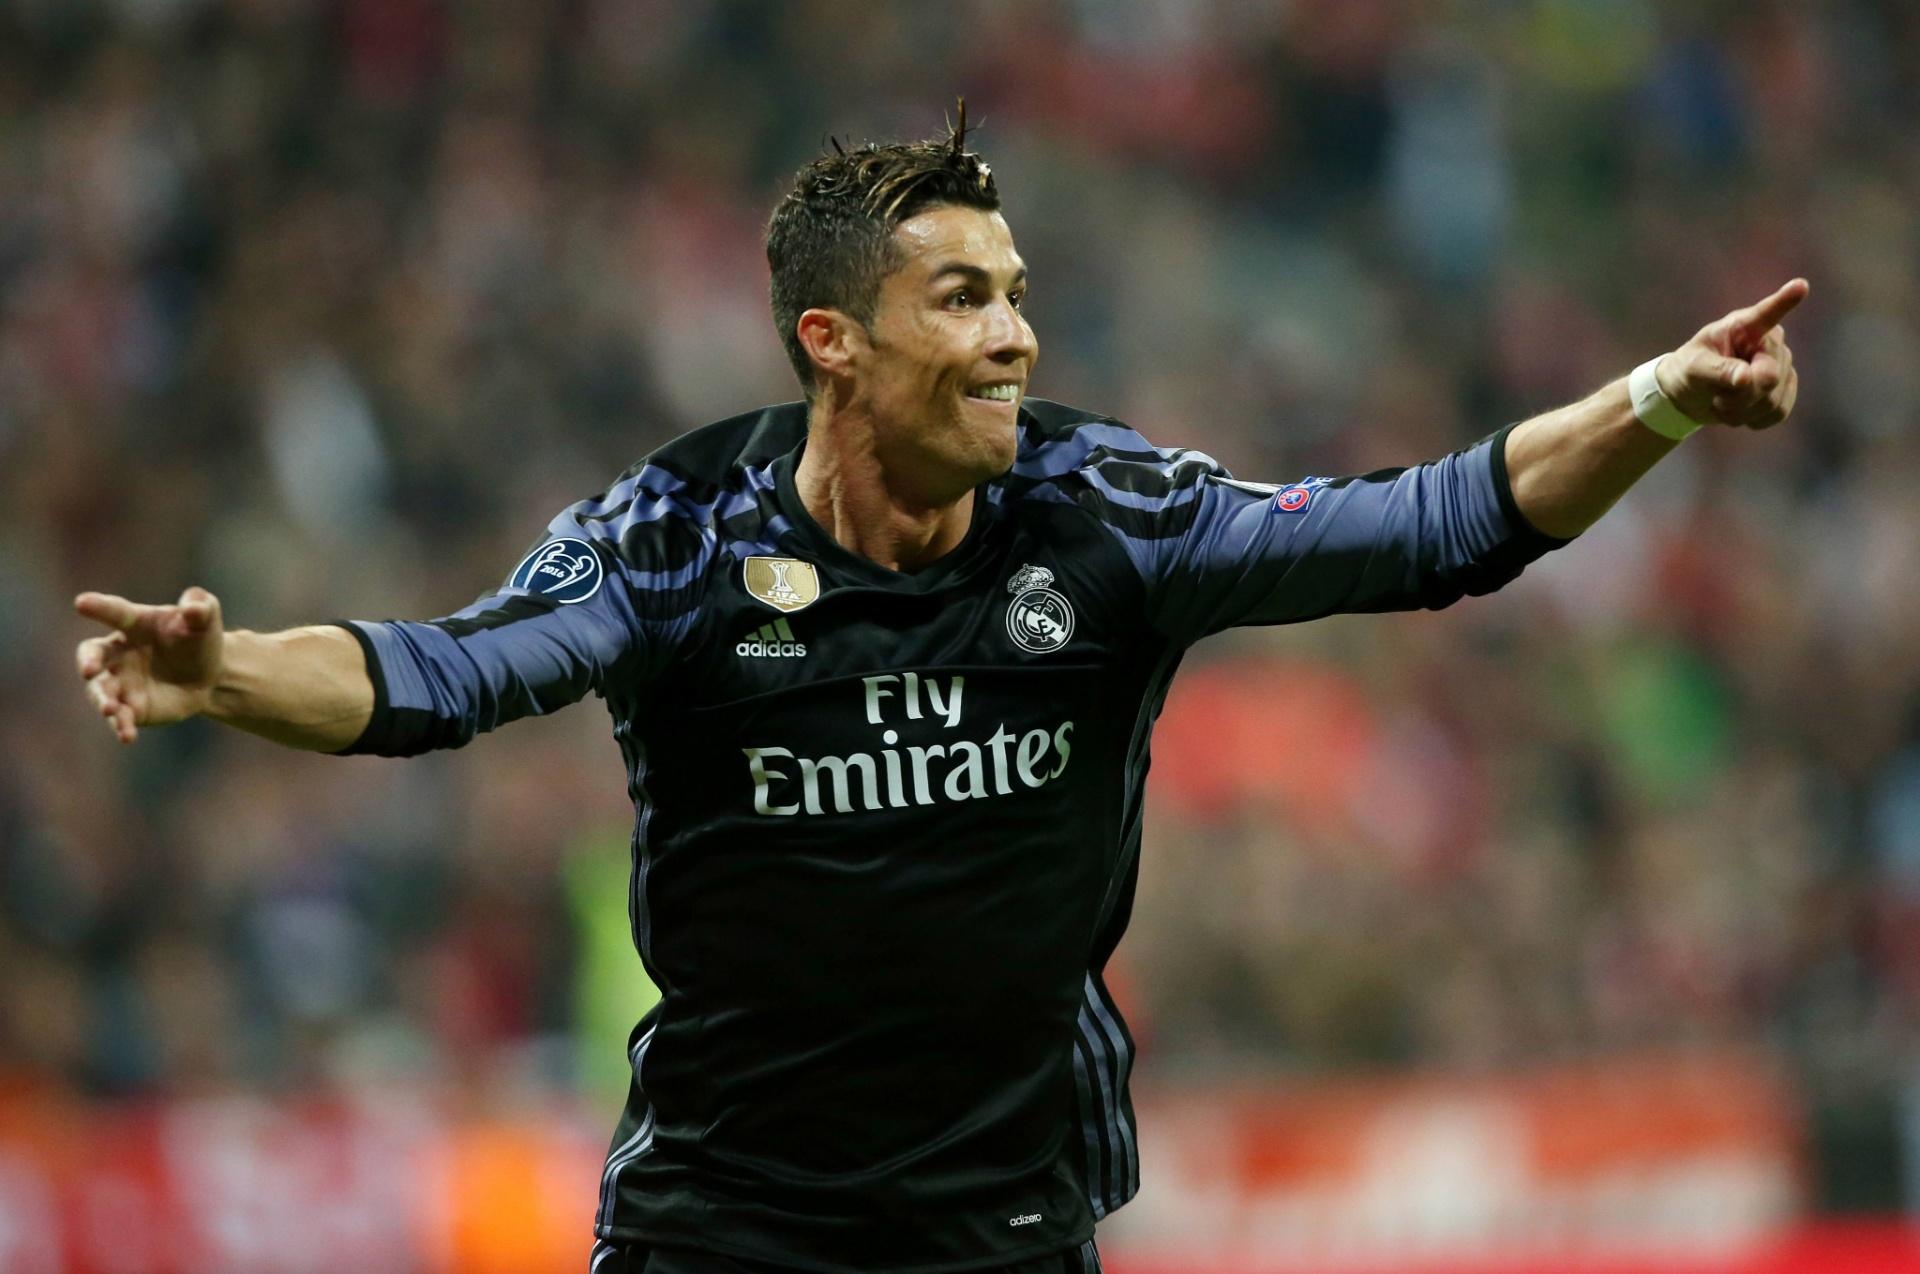 92b18b42c2 Cristiano Ronaldo é poupado e fica fora de jogo do Real Madrid - 14 04 2017  - UOL Esporte